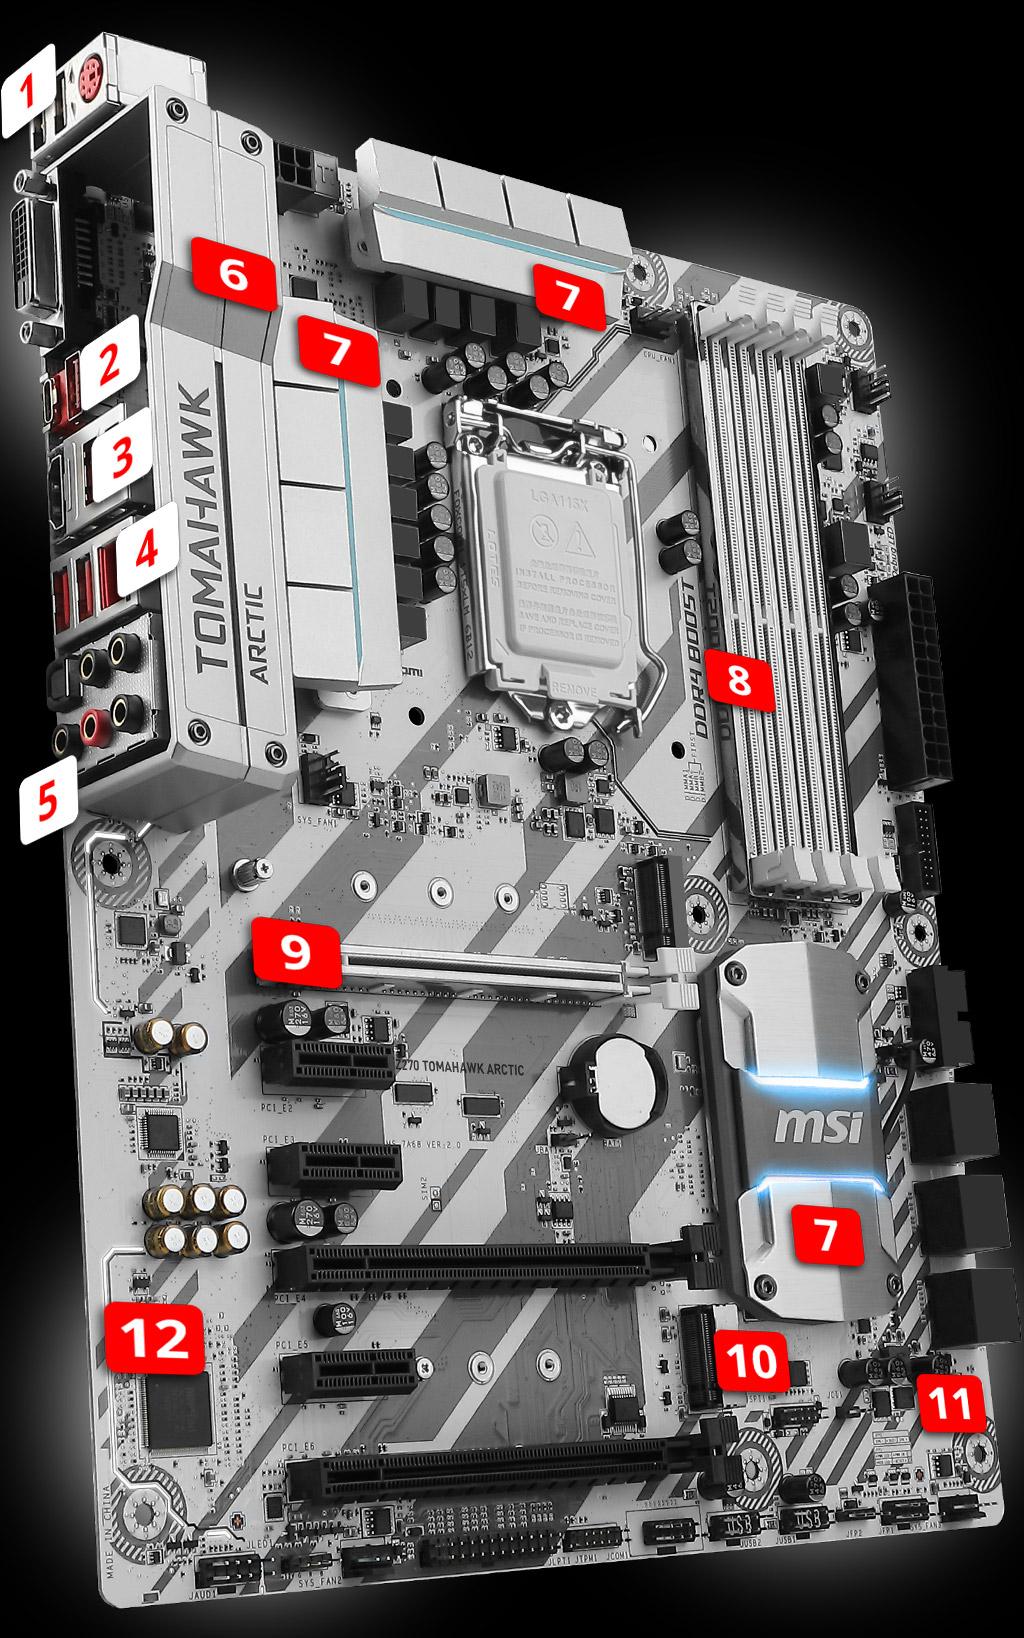 MSI Z270 Tomahawk Arctic Socket LGA1151 Gaming Motherboard